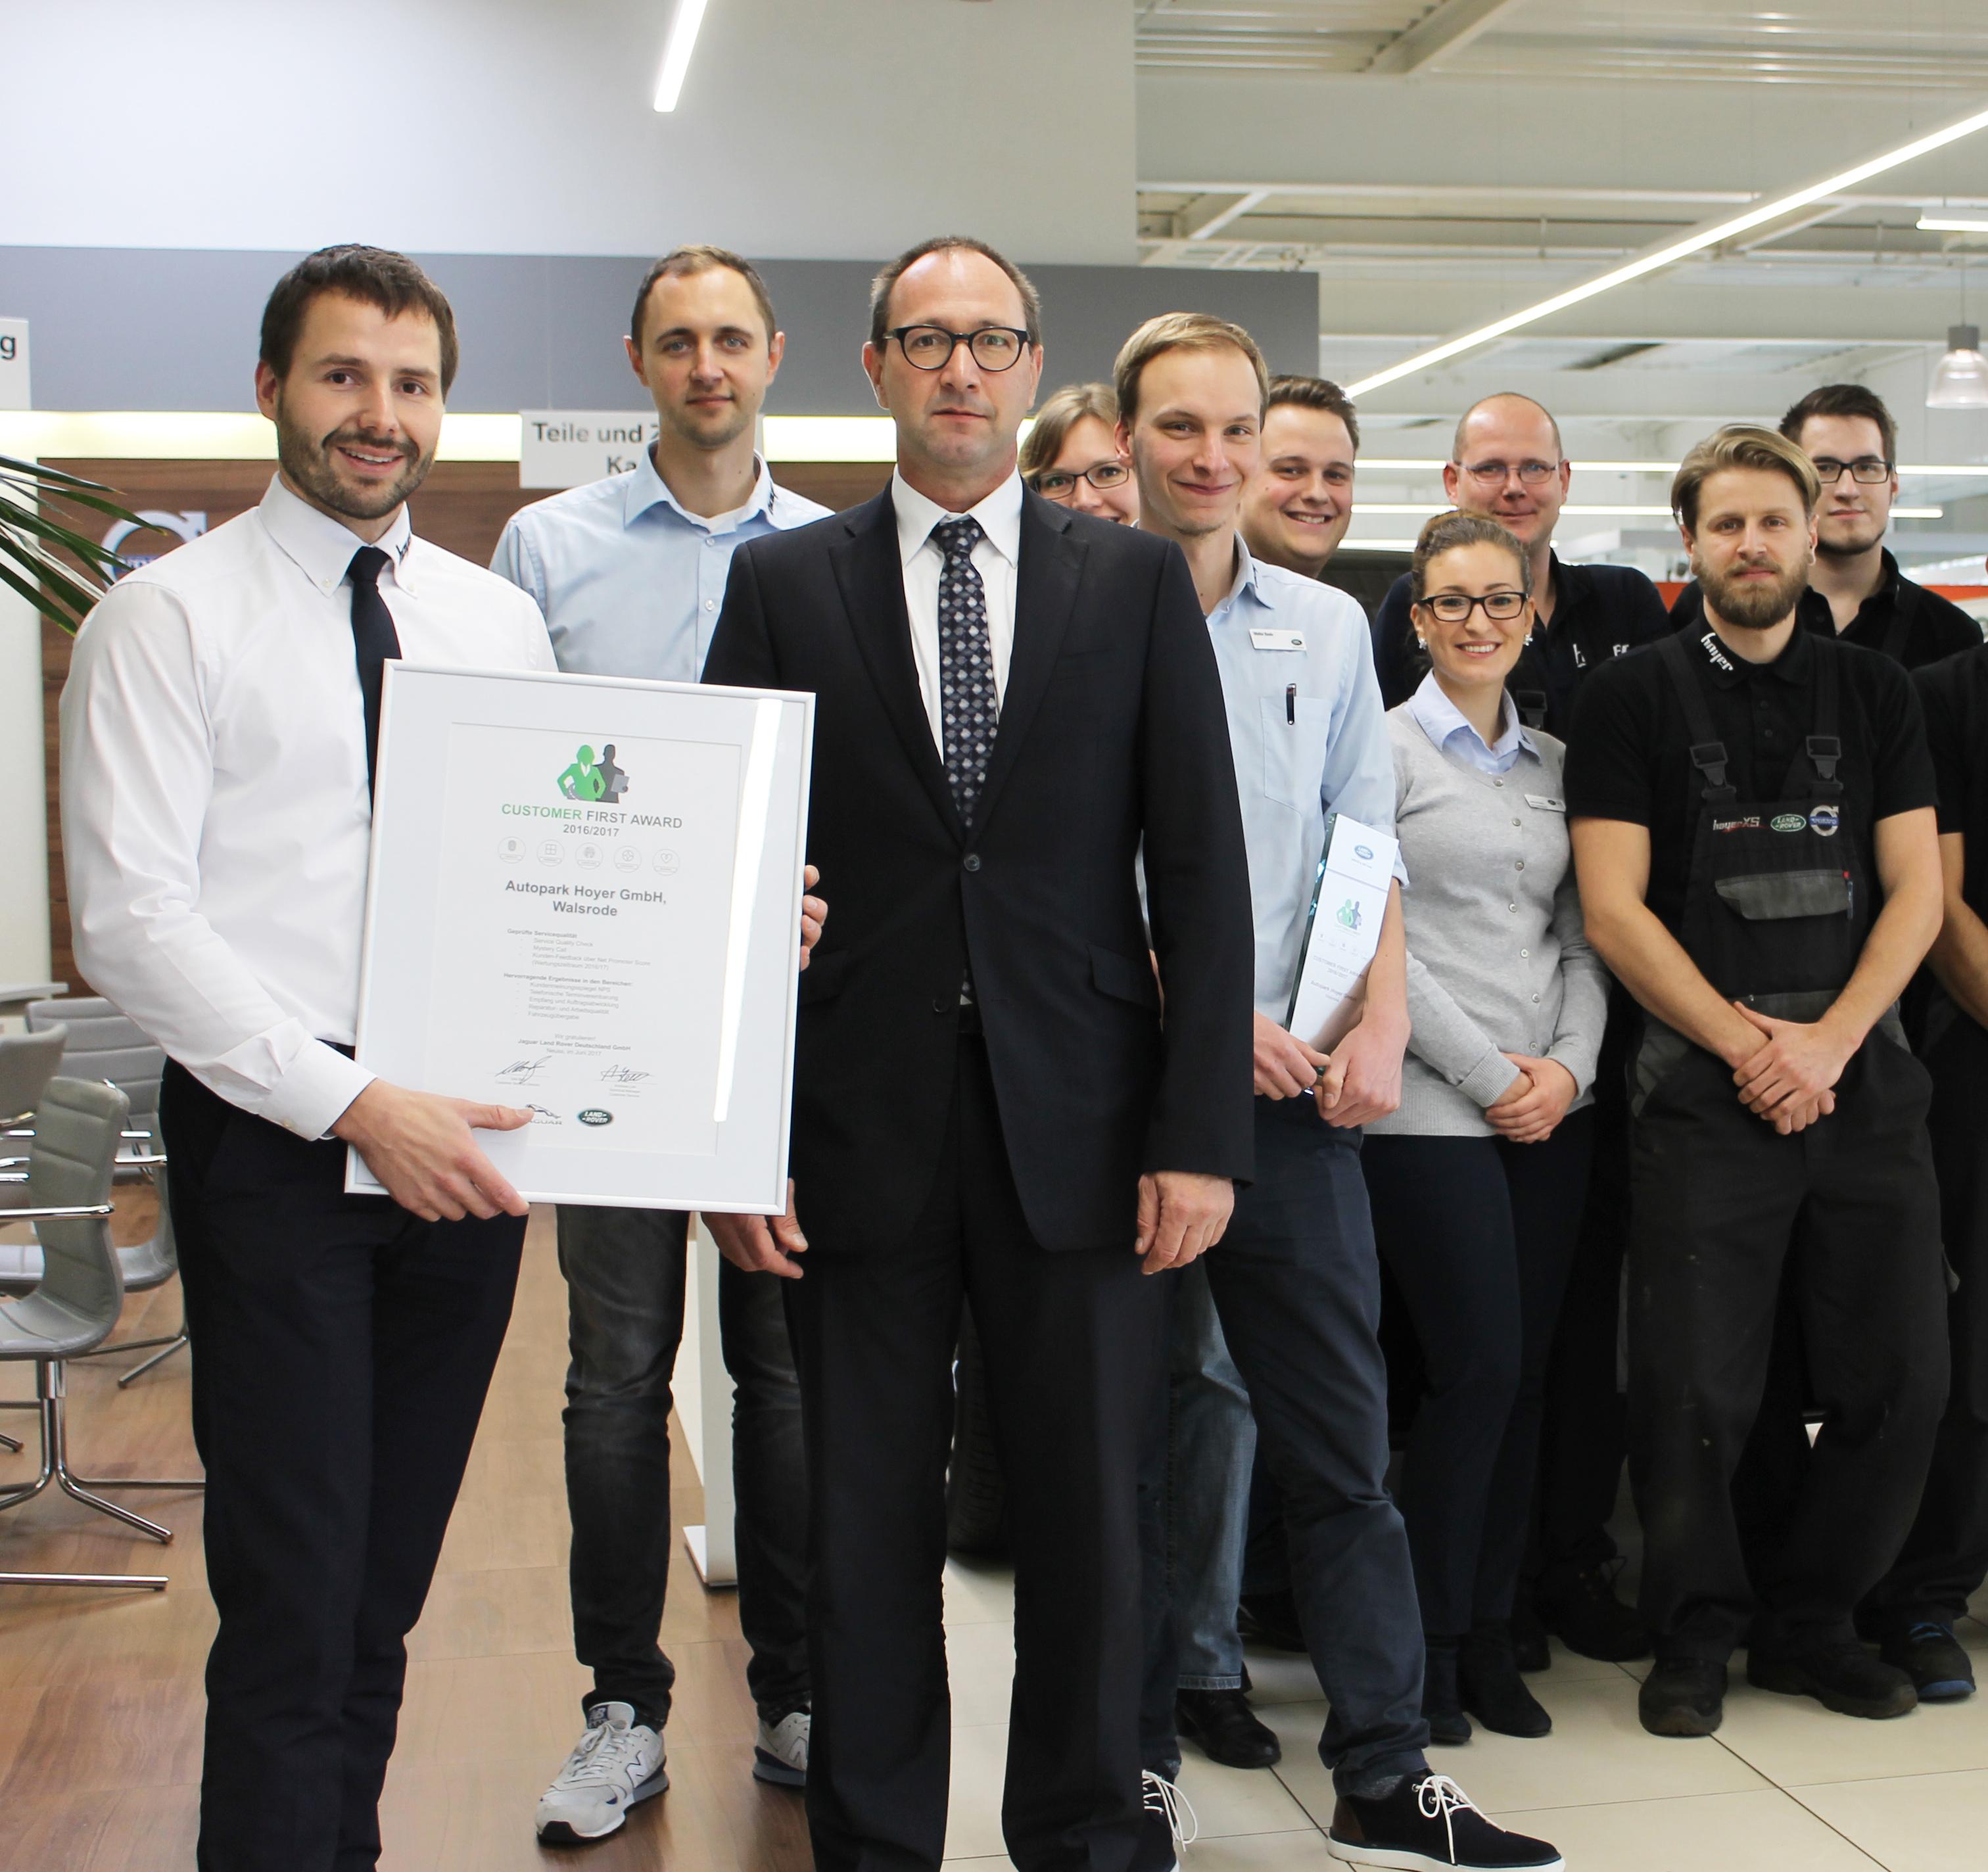 Walsroder Autopark Hoyer erhält Auszeichnung Customer First Award 2016/2017